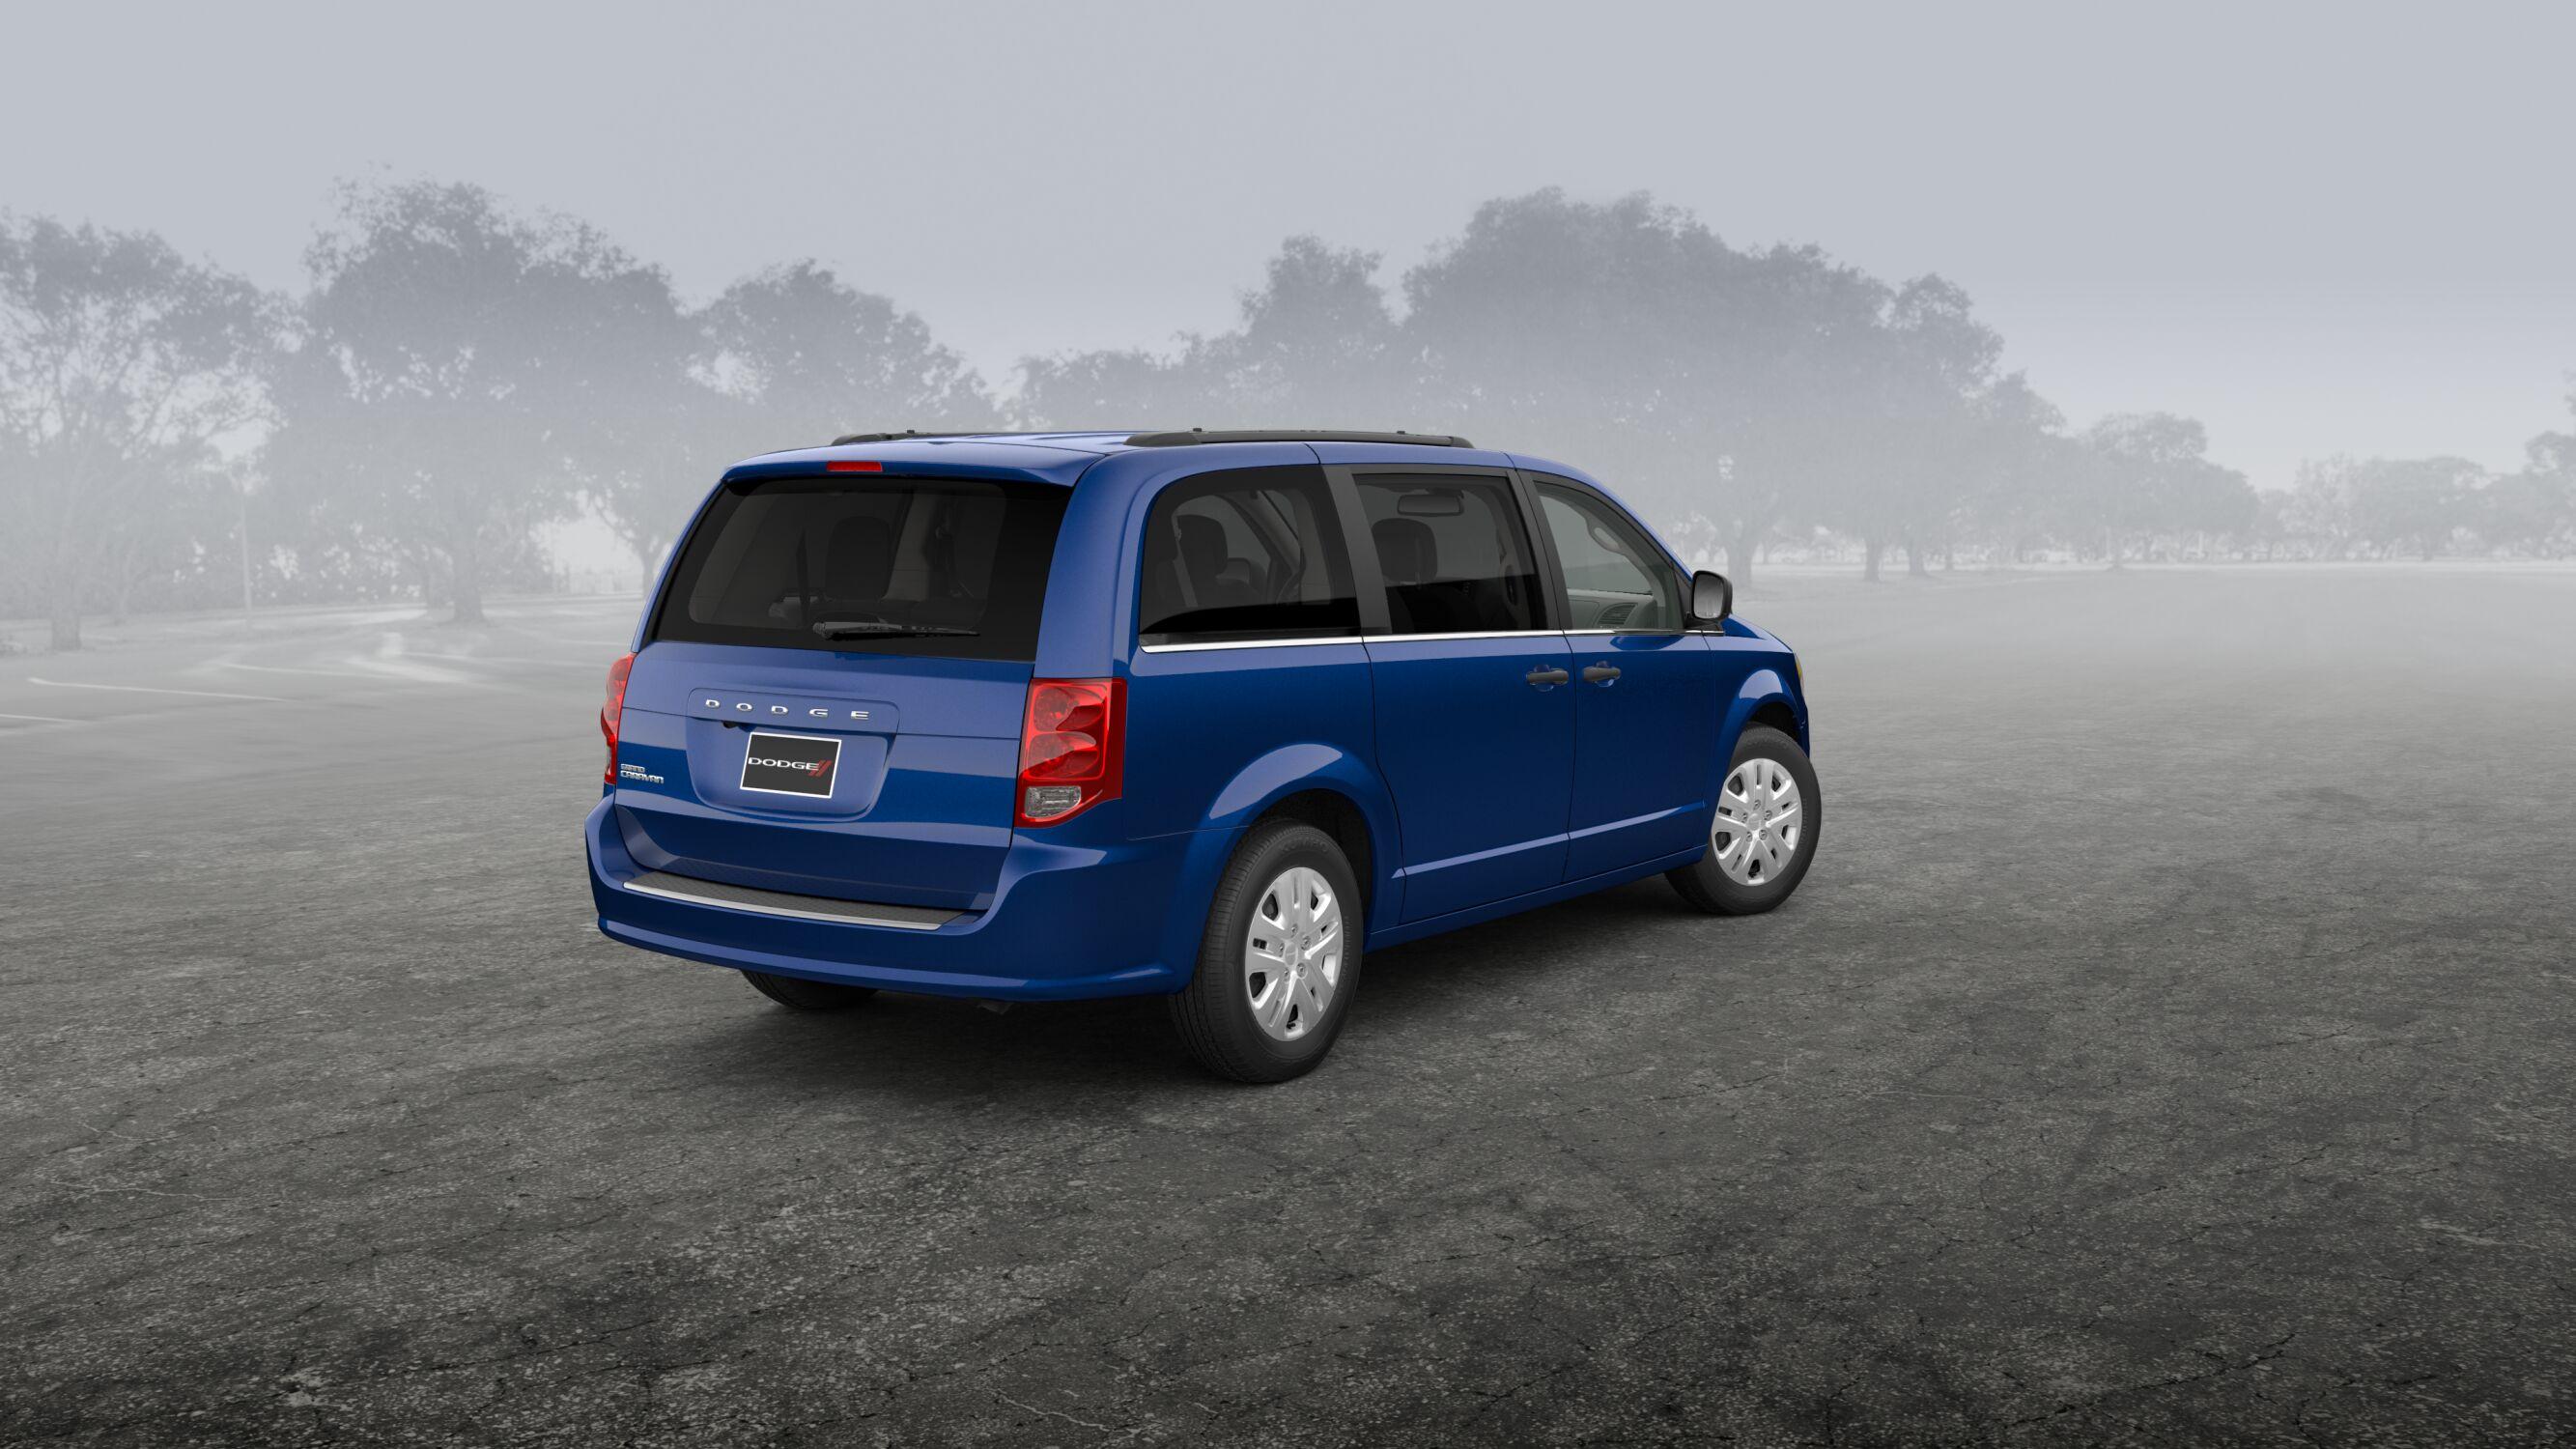 2019 Dodge Grand Caravan Se Cassens And Sons Chrysler Dodge Jeep Ram Glen Carbon Il